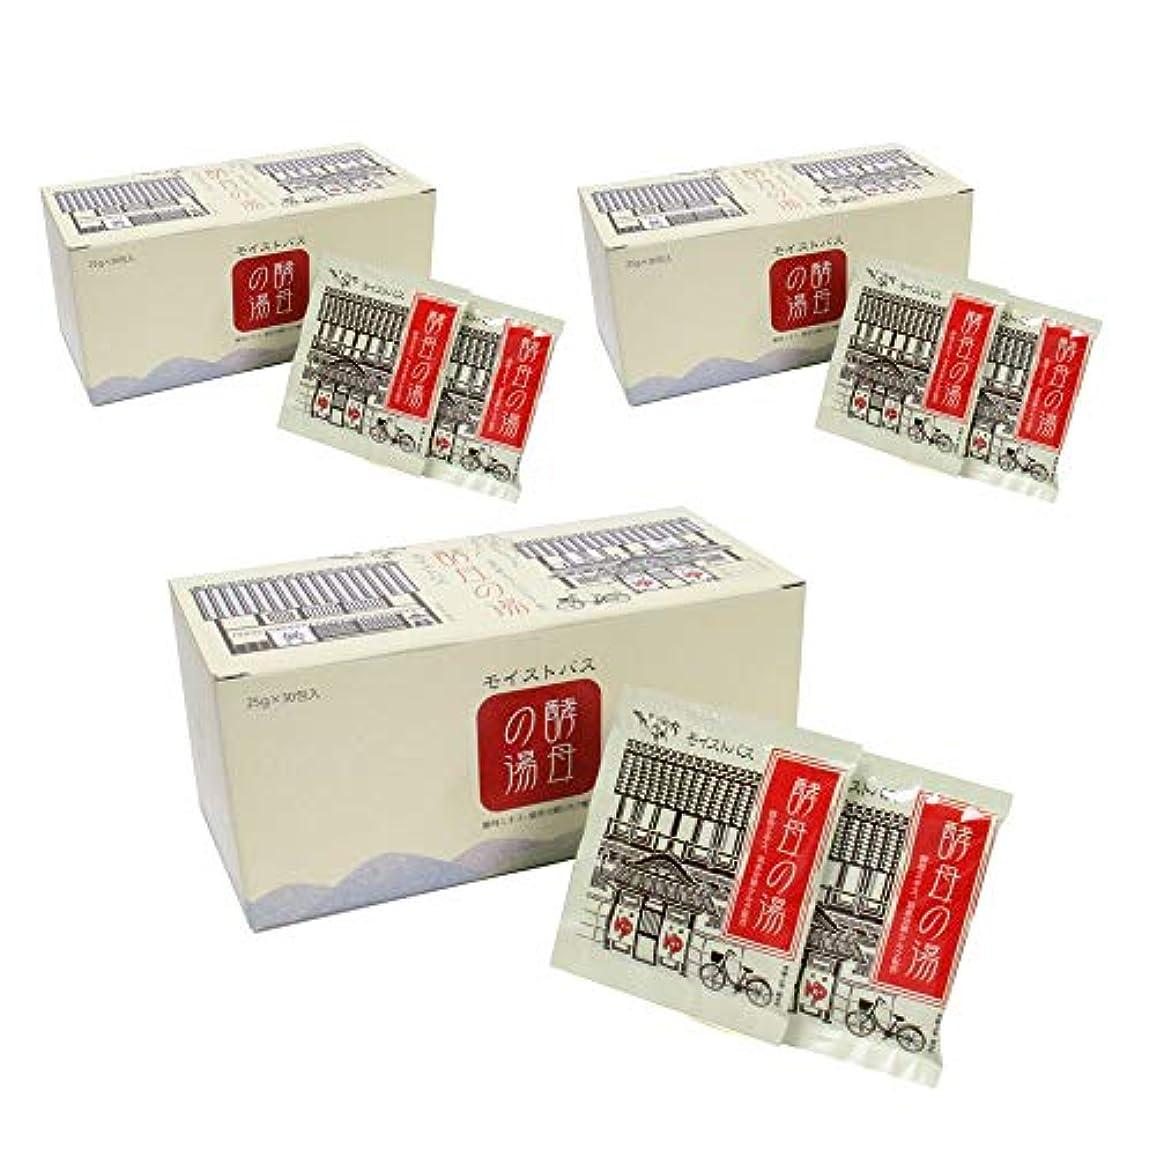 みなす有毒ファイバアミノン モイストバス 酵母の湯 25g×30包 (3箱セット)